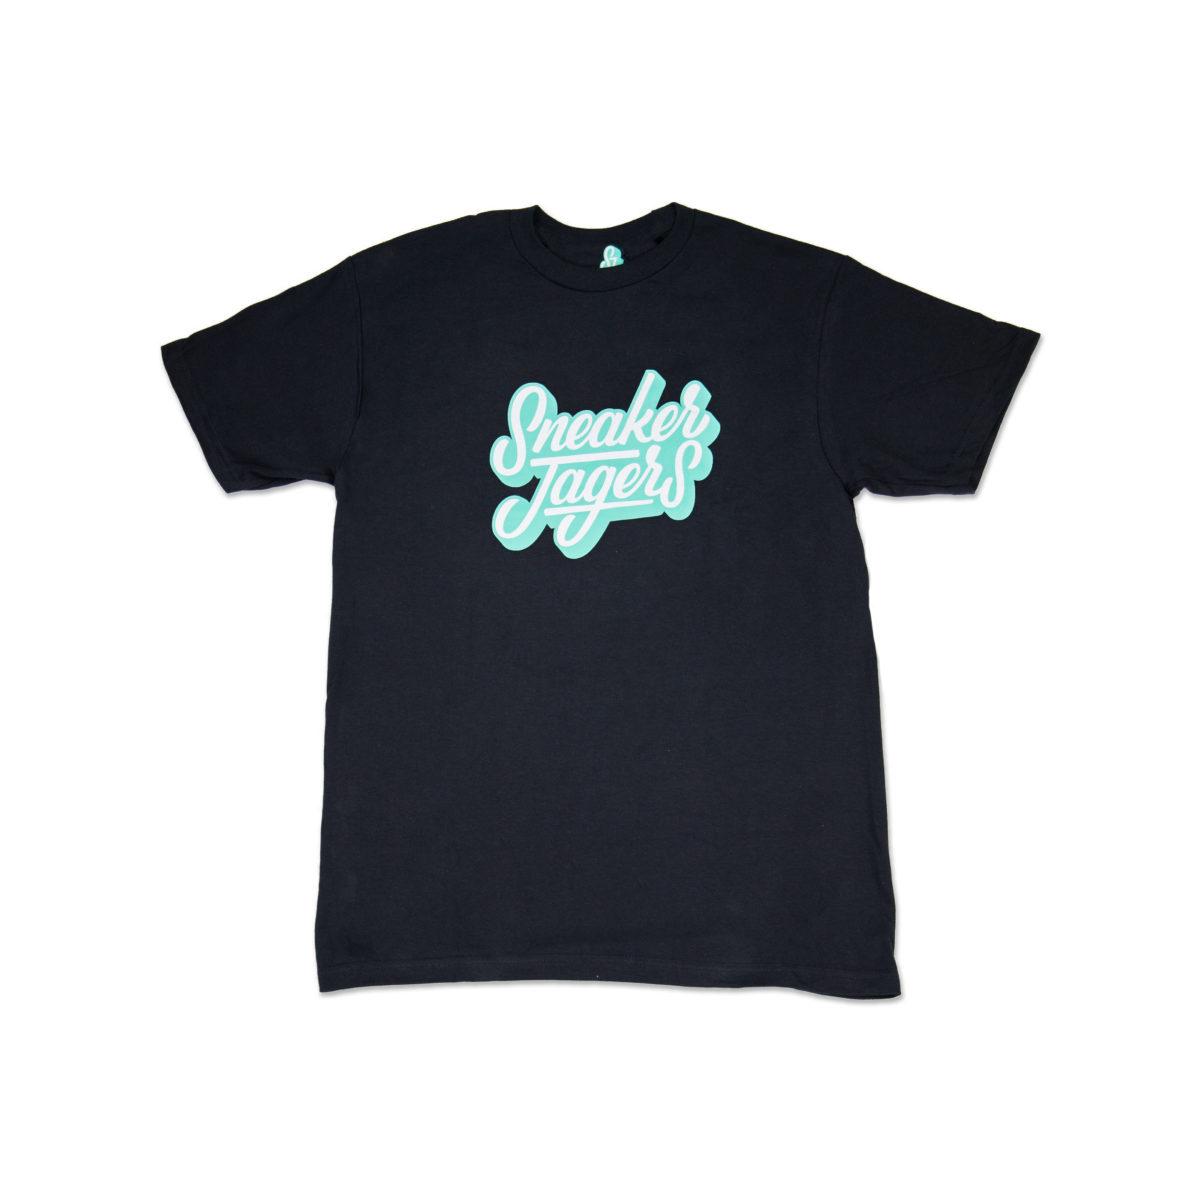 Sneakerjagers t-shirt black en clear jade